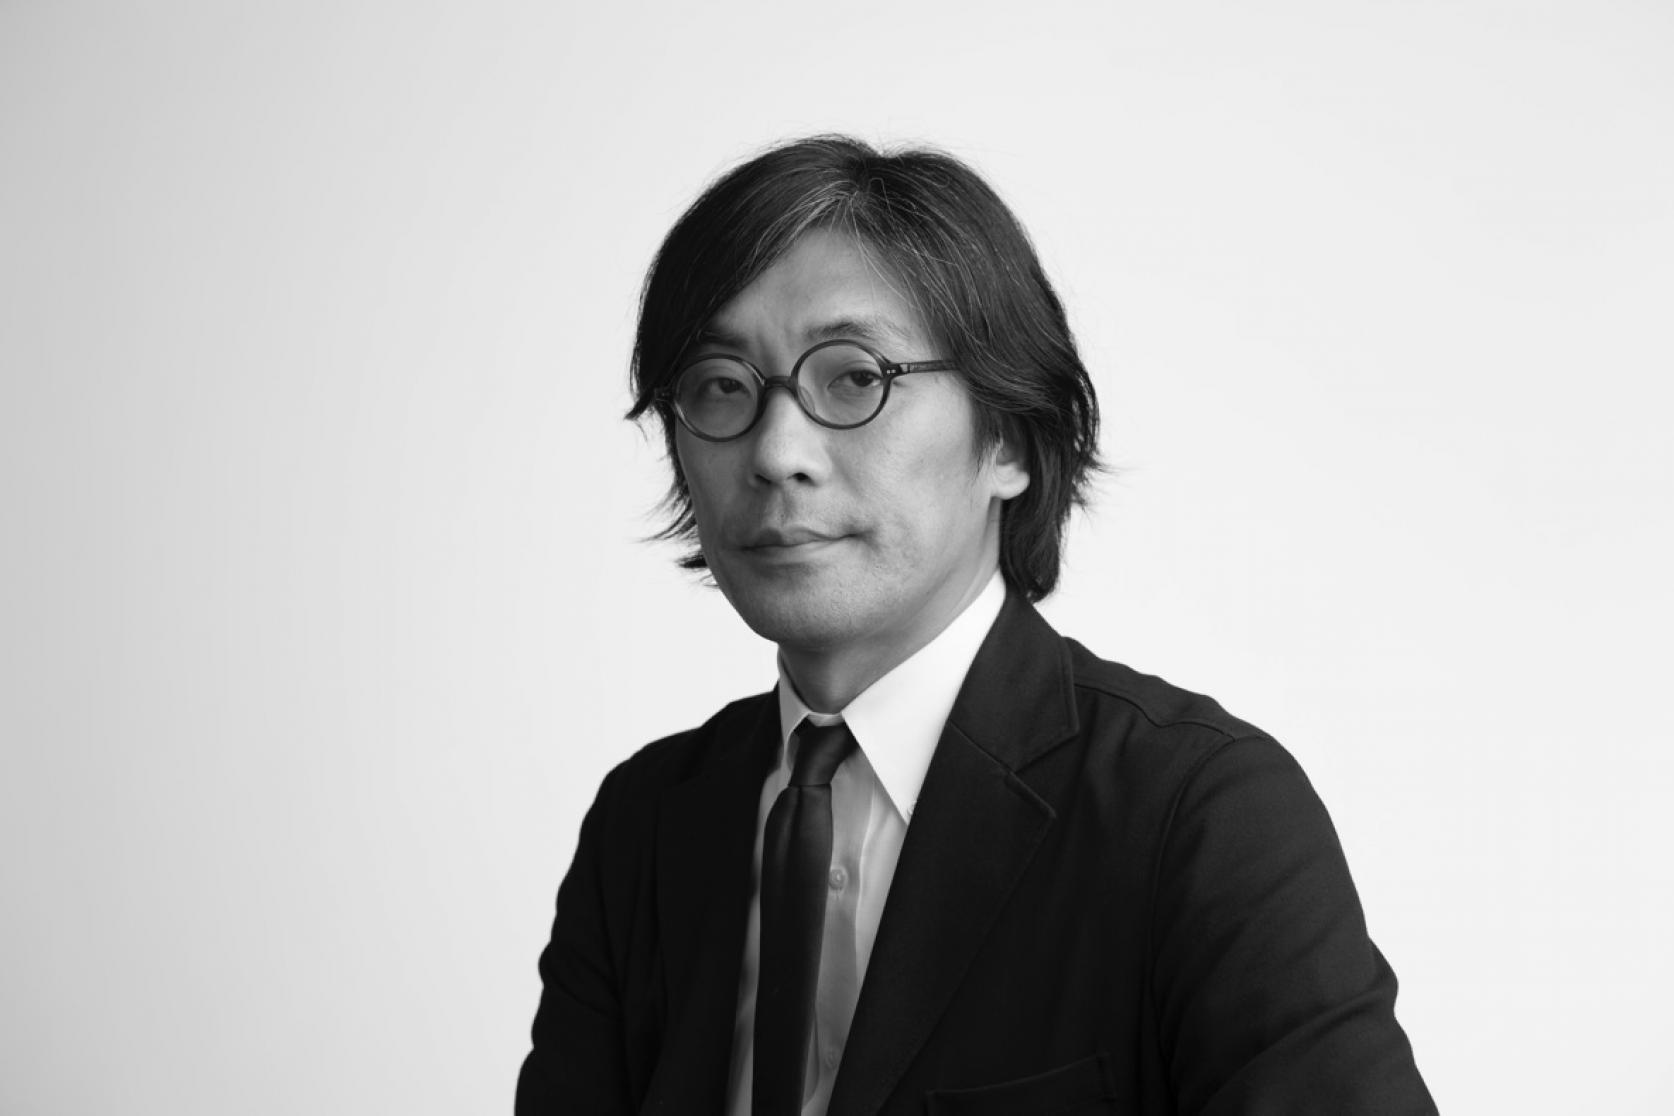 日本大学理工学部駿河台キャンパス新校舎愛称募集の審査員長決定。